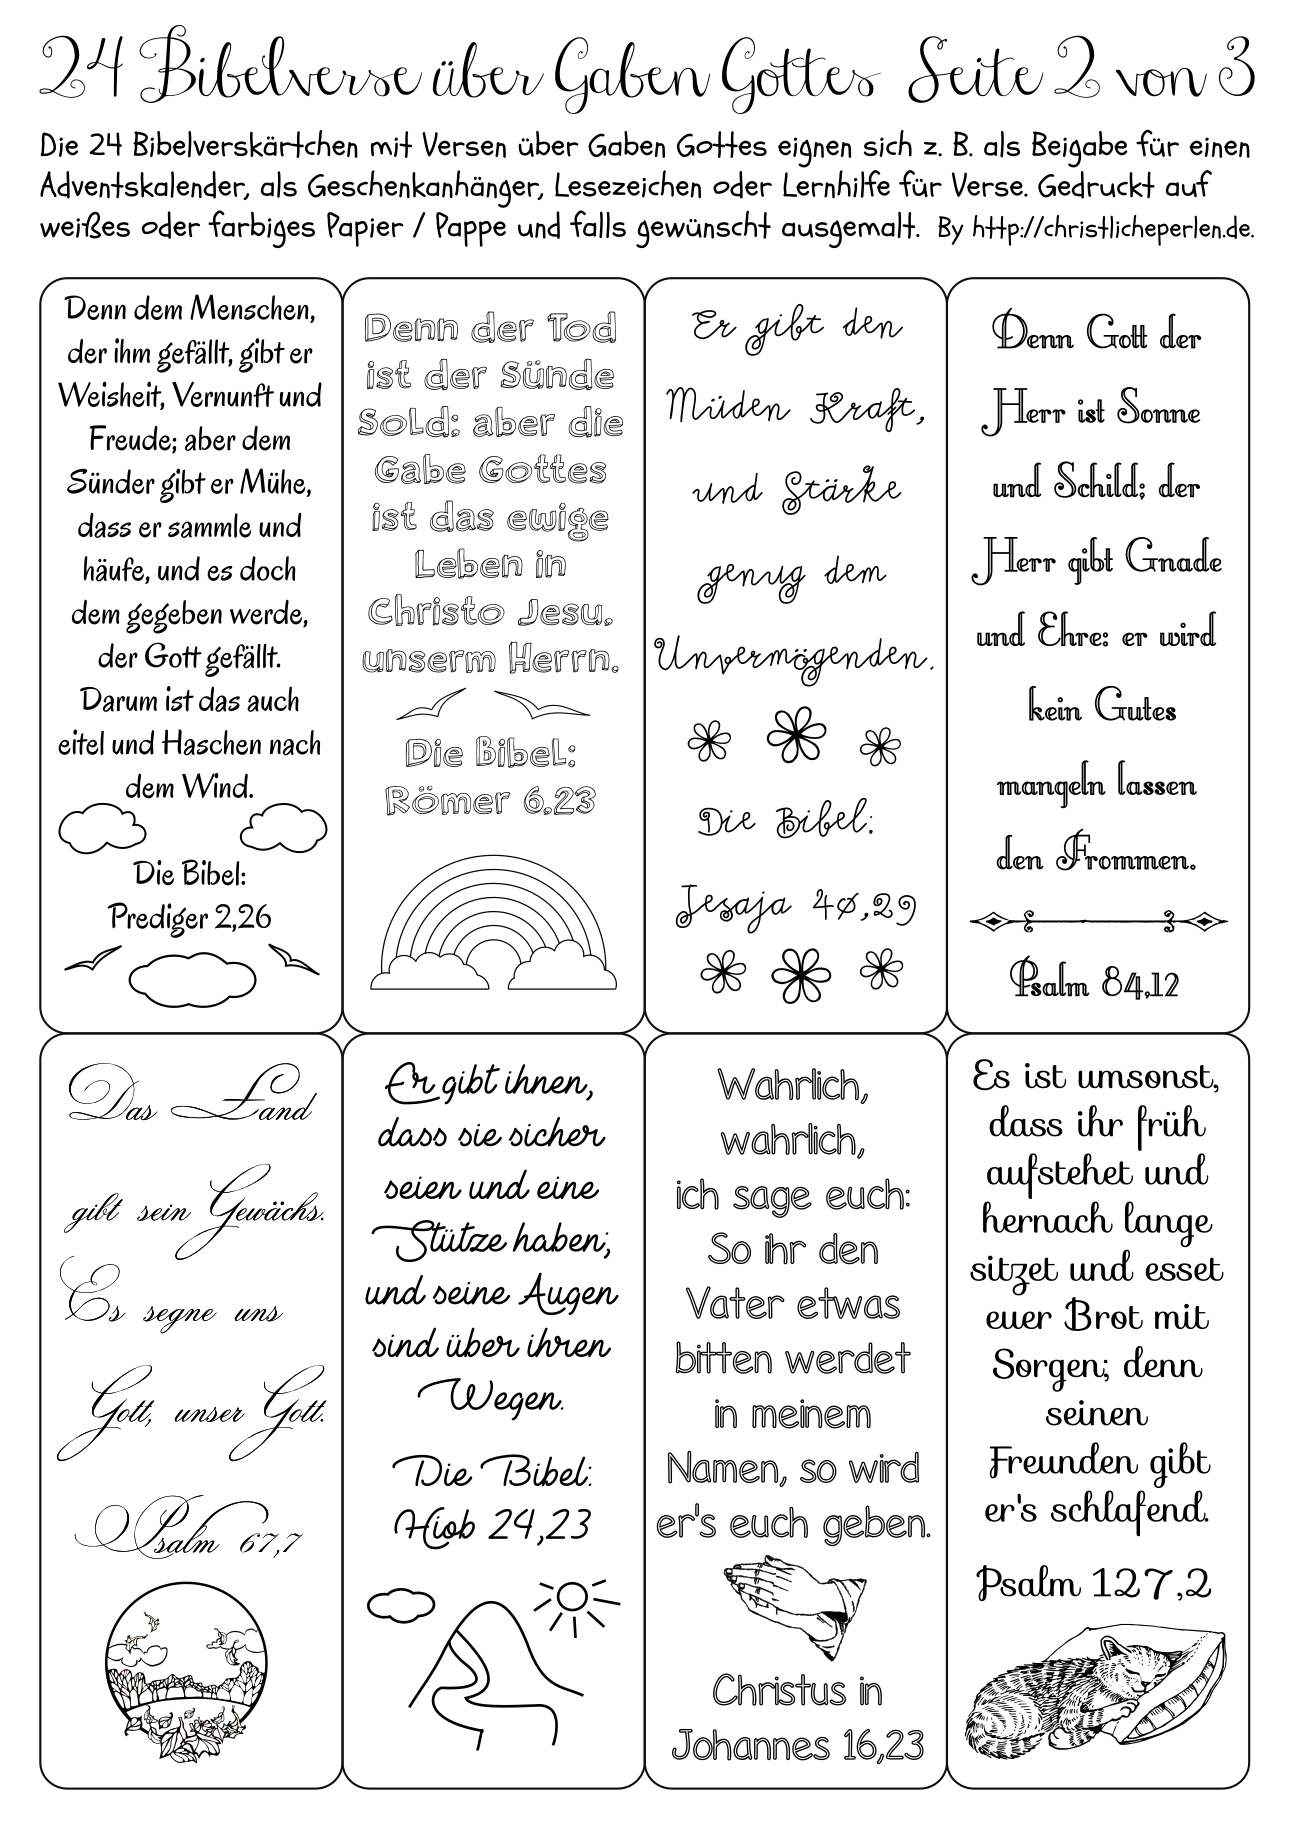 24 sprüche für adventskalender 24 Bibelverse z. B. für einen Adventskalender | Christliche Perlen 24 sprüche für adventskalender